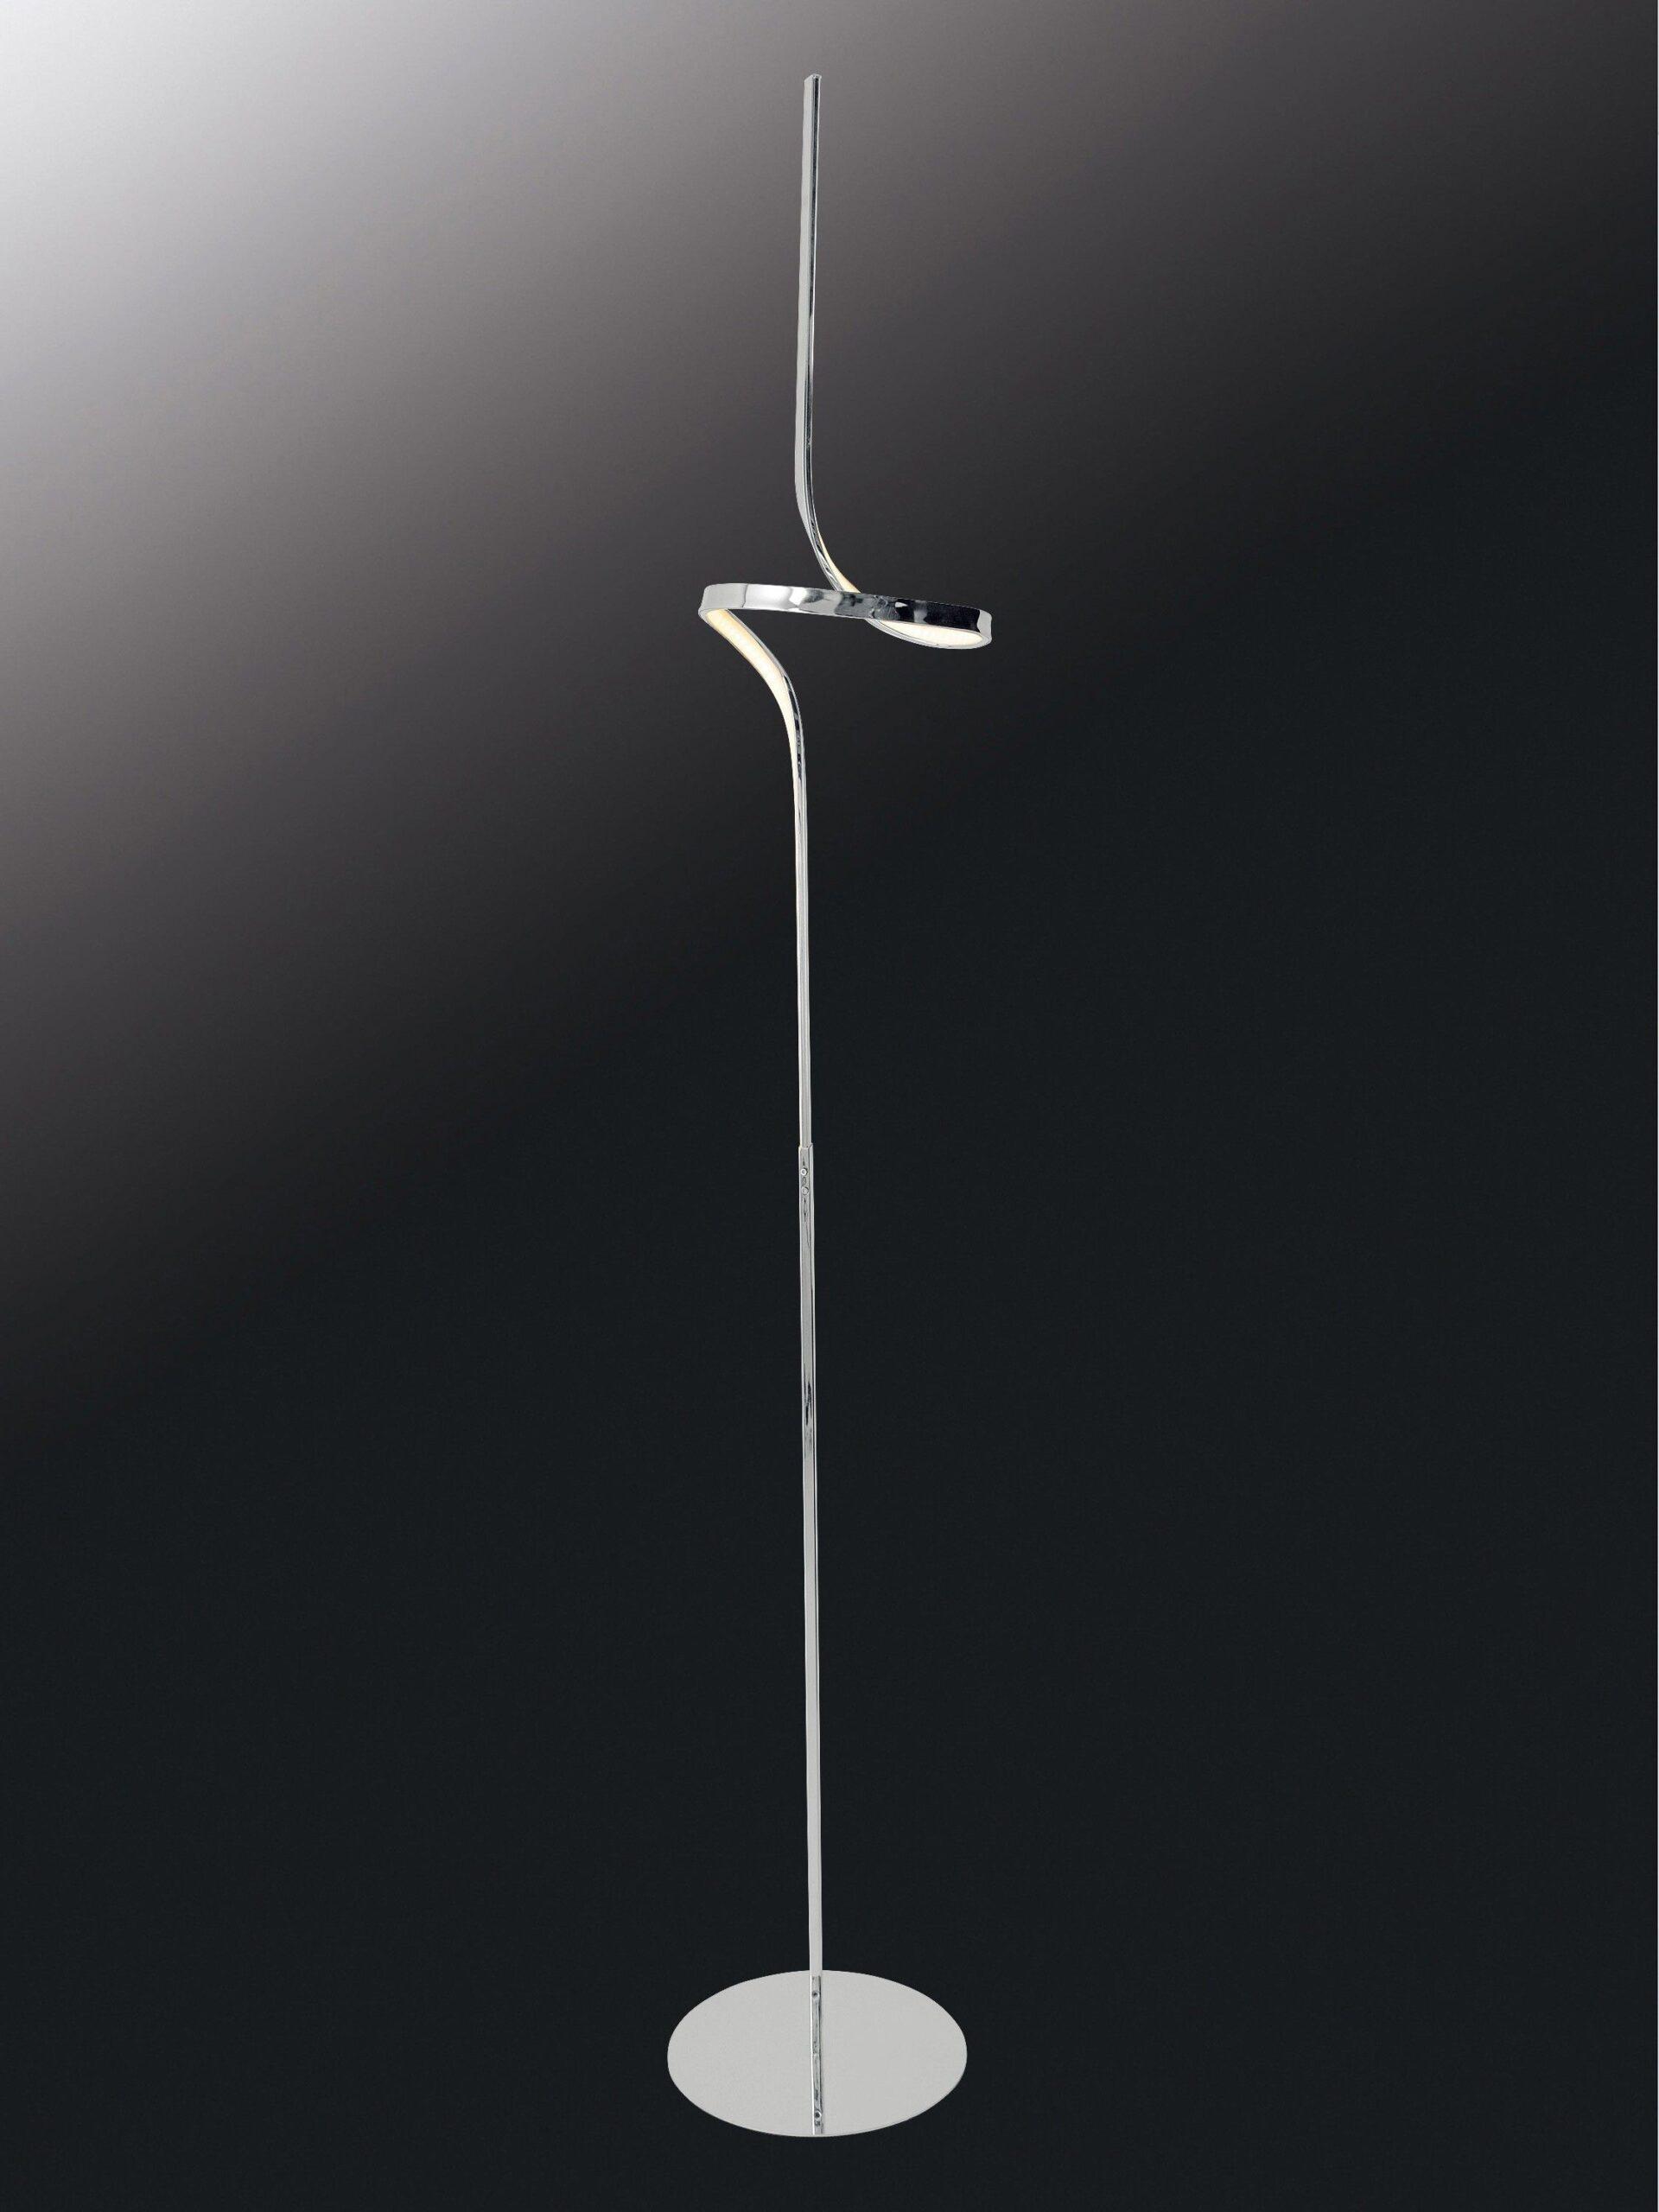 Full Size of Wohnzimmer Stehlampe Led Dimmbar Stehleuchten Stehleuchte Stehlampen Ikea Moderne Besser Schlafen Deckenleuchte Tapete Sideboard Wildleder Sofa Teppiche Poster Wohnzimmer Wohnzimmer Stehlampe Led